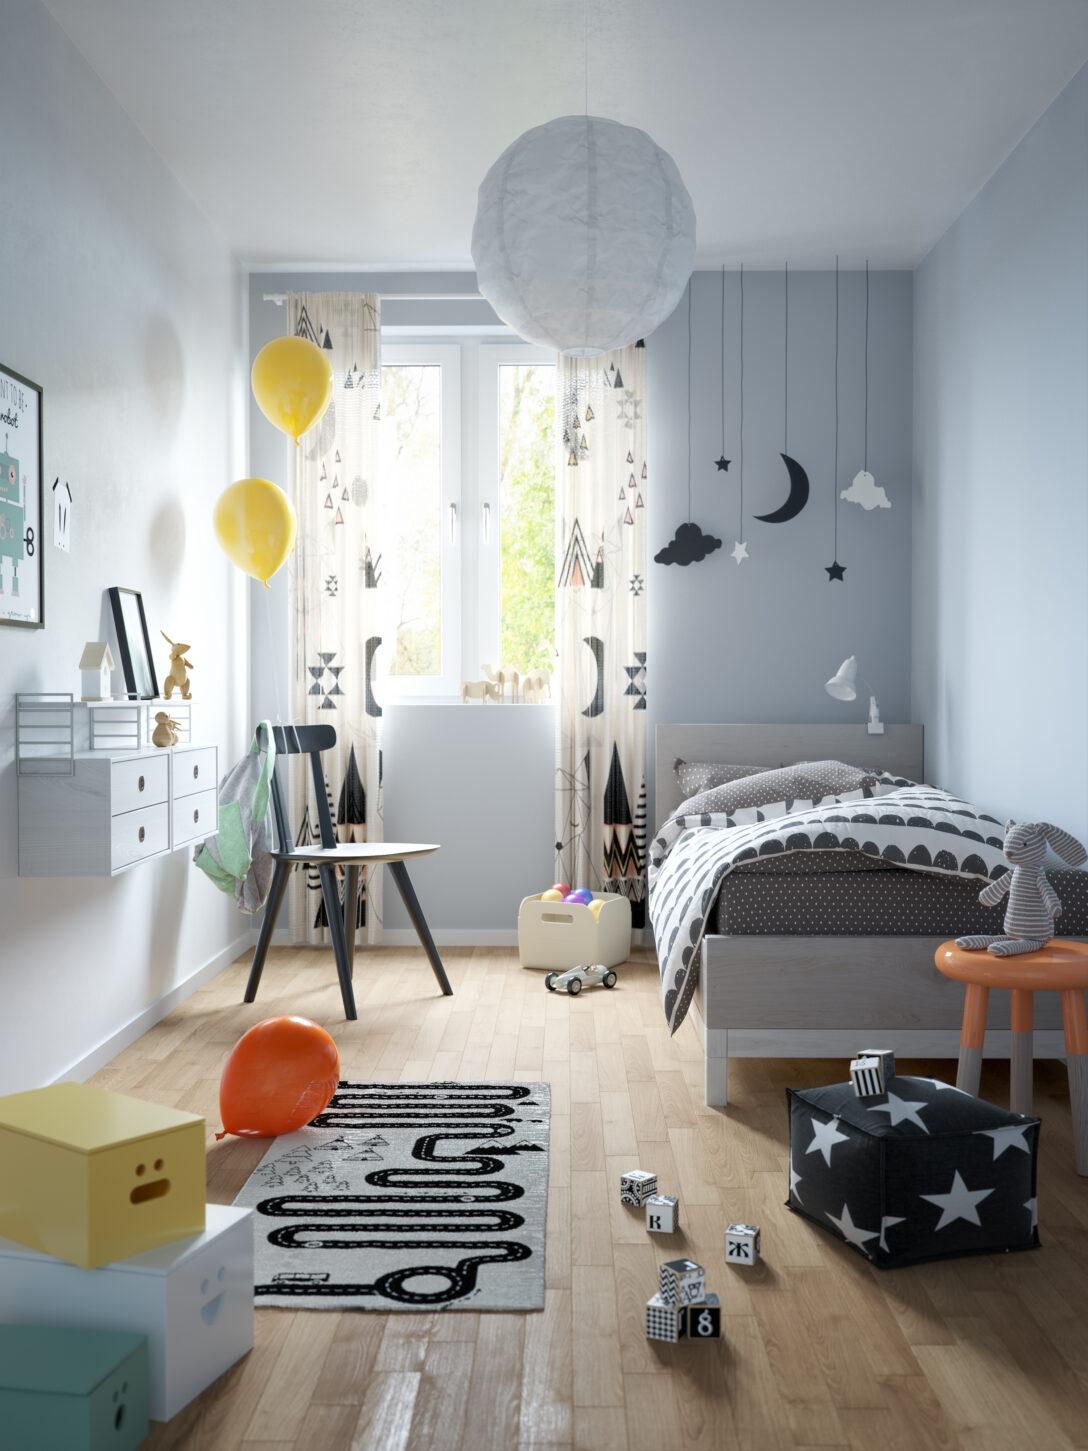 Large Size of Kinderzimmer Fr Jungen Einrichtungstipps Bonava Regal Küche Einrichten Weiß Kleine Sofa Regale Badezimmer Kinderzimmer Kinderzimmer Einrichten Junge